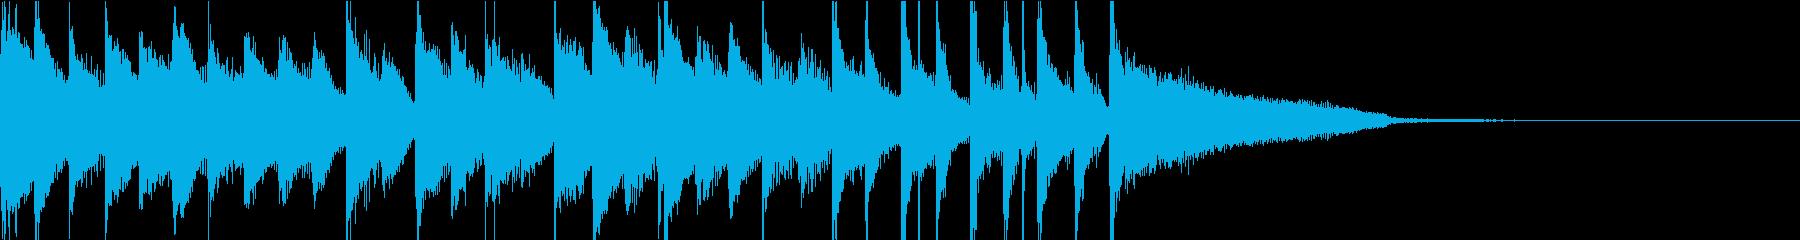 ほのぼの系15秒ジャストのバンドサウンドの再生済みの波形